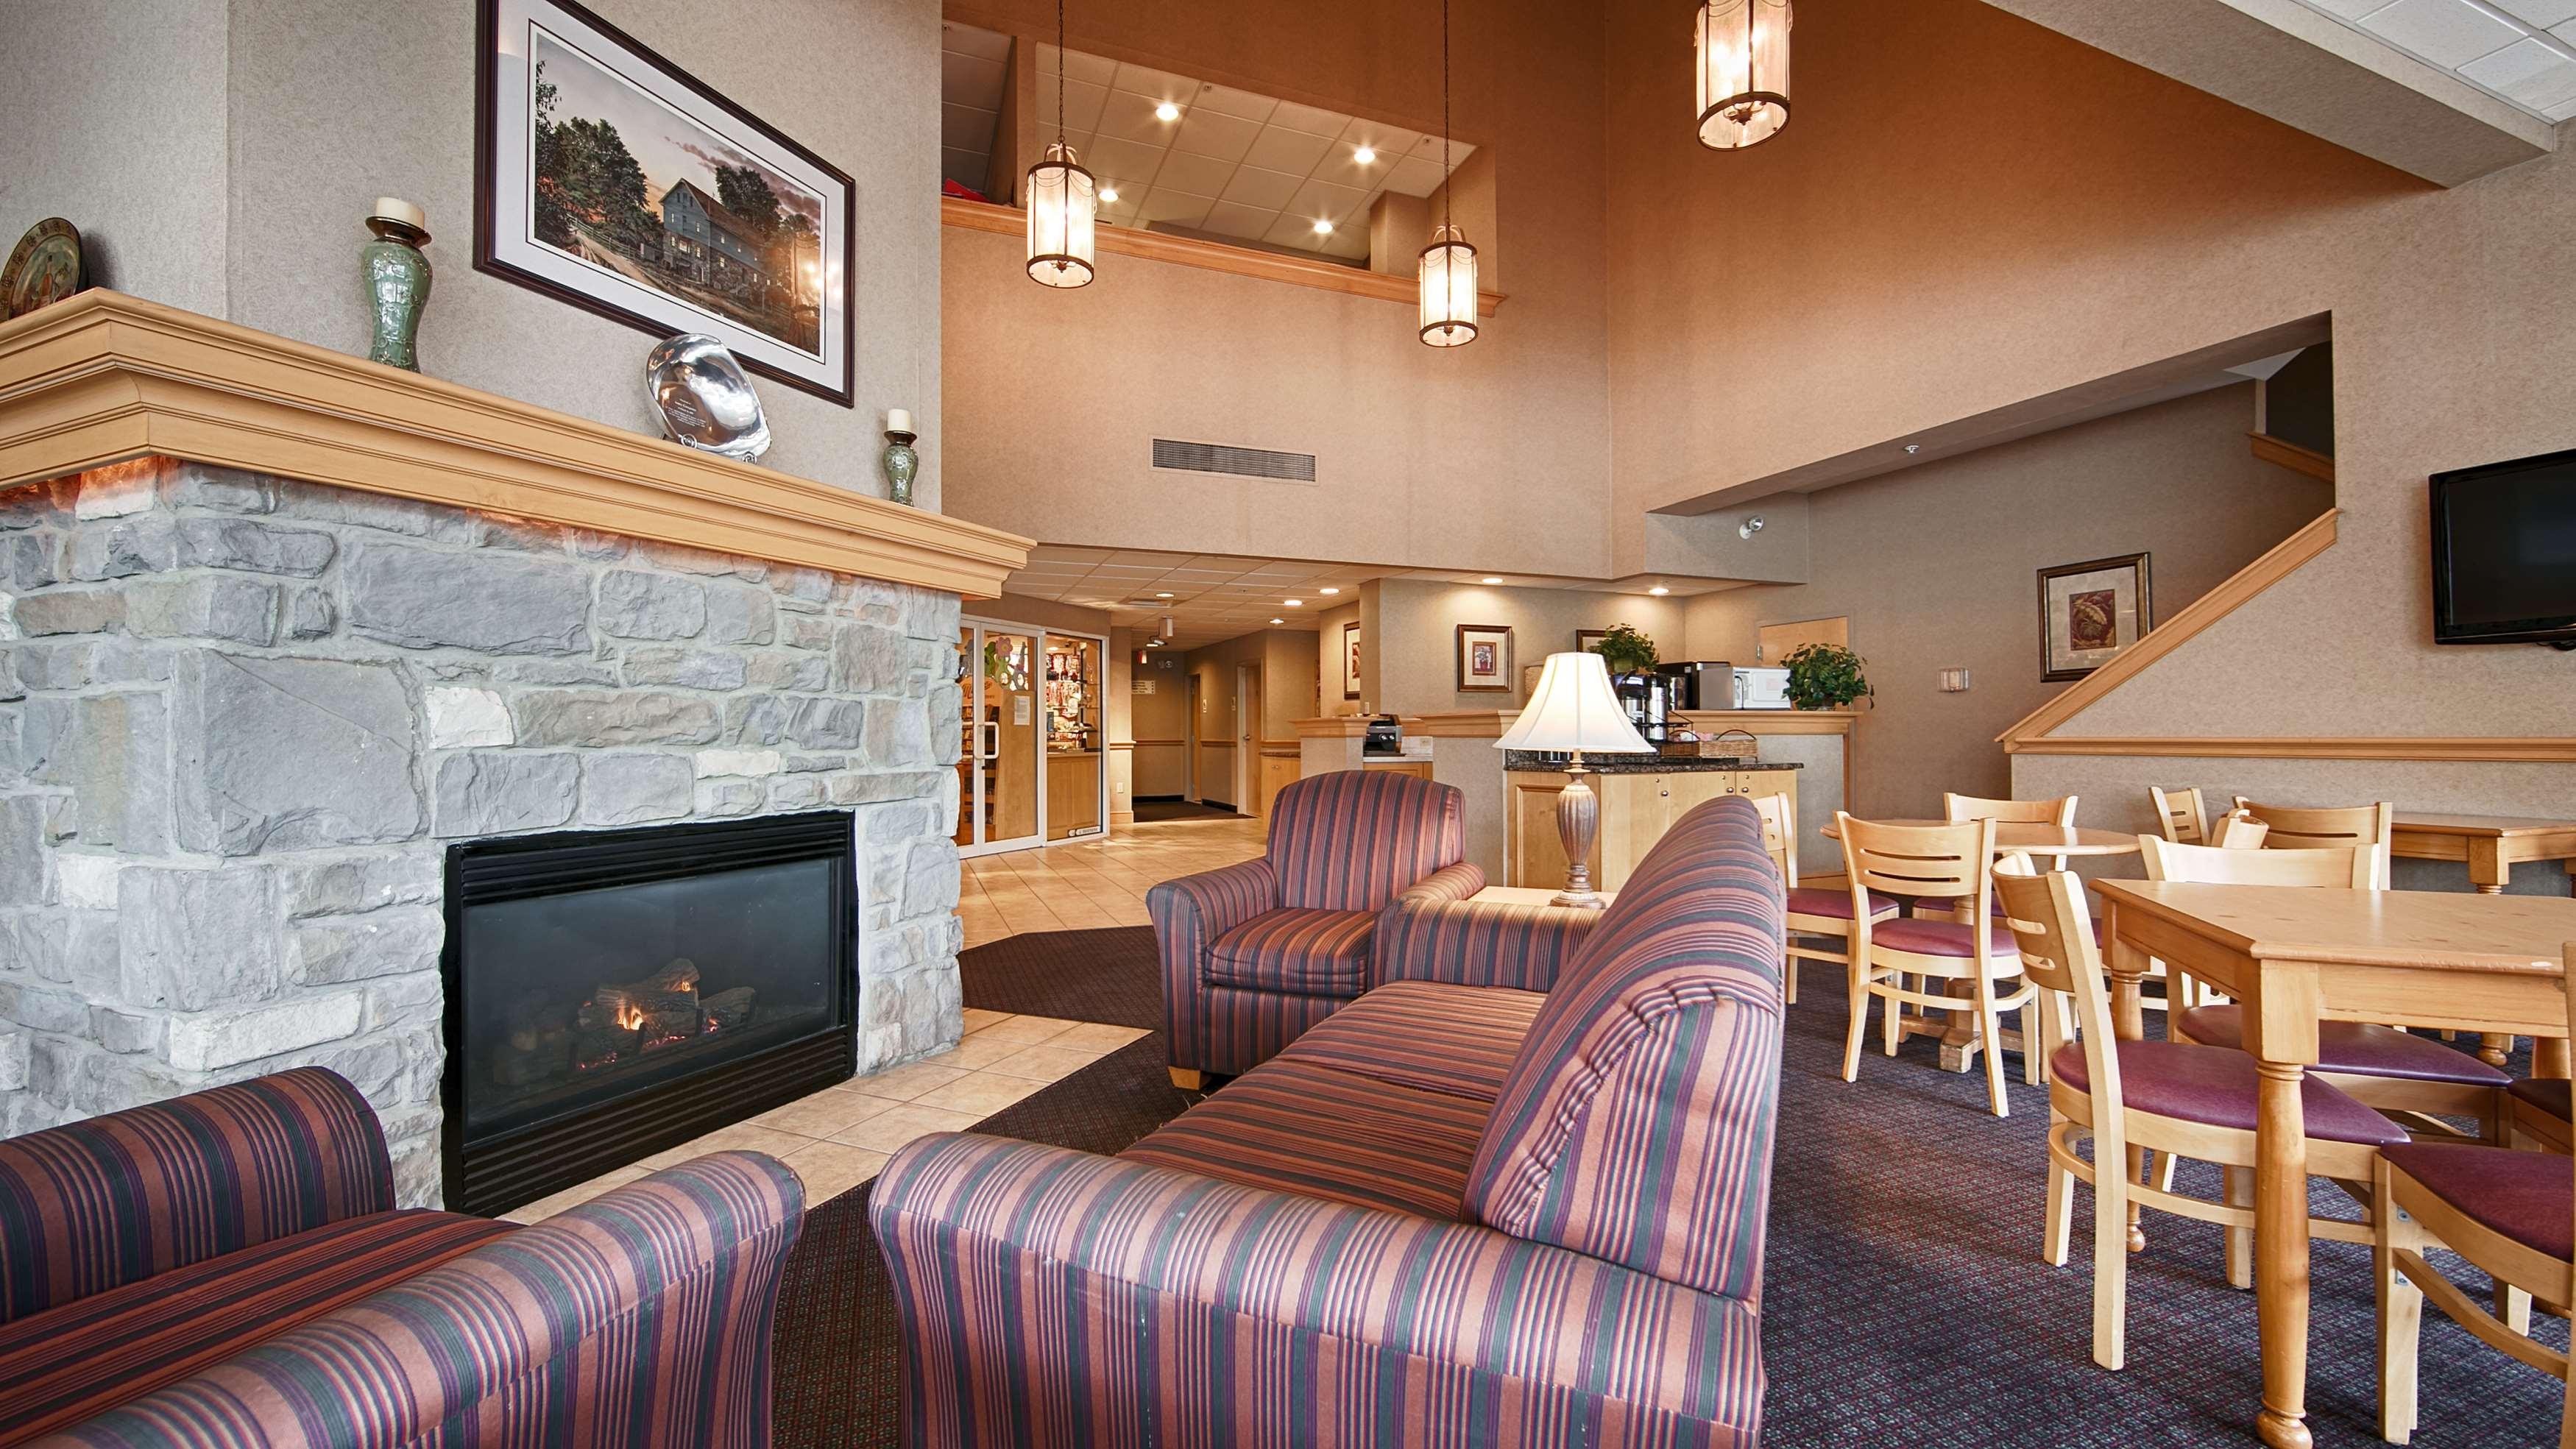 Best Western Plus Revere Inn & Suites image 2